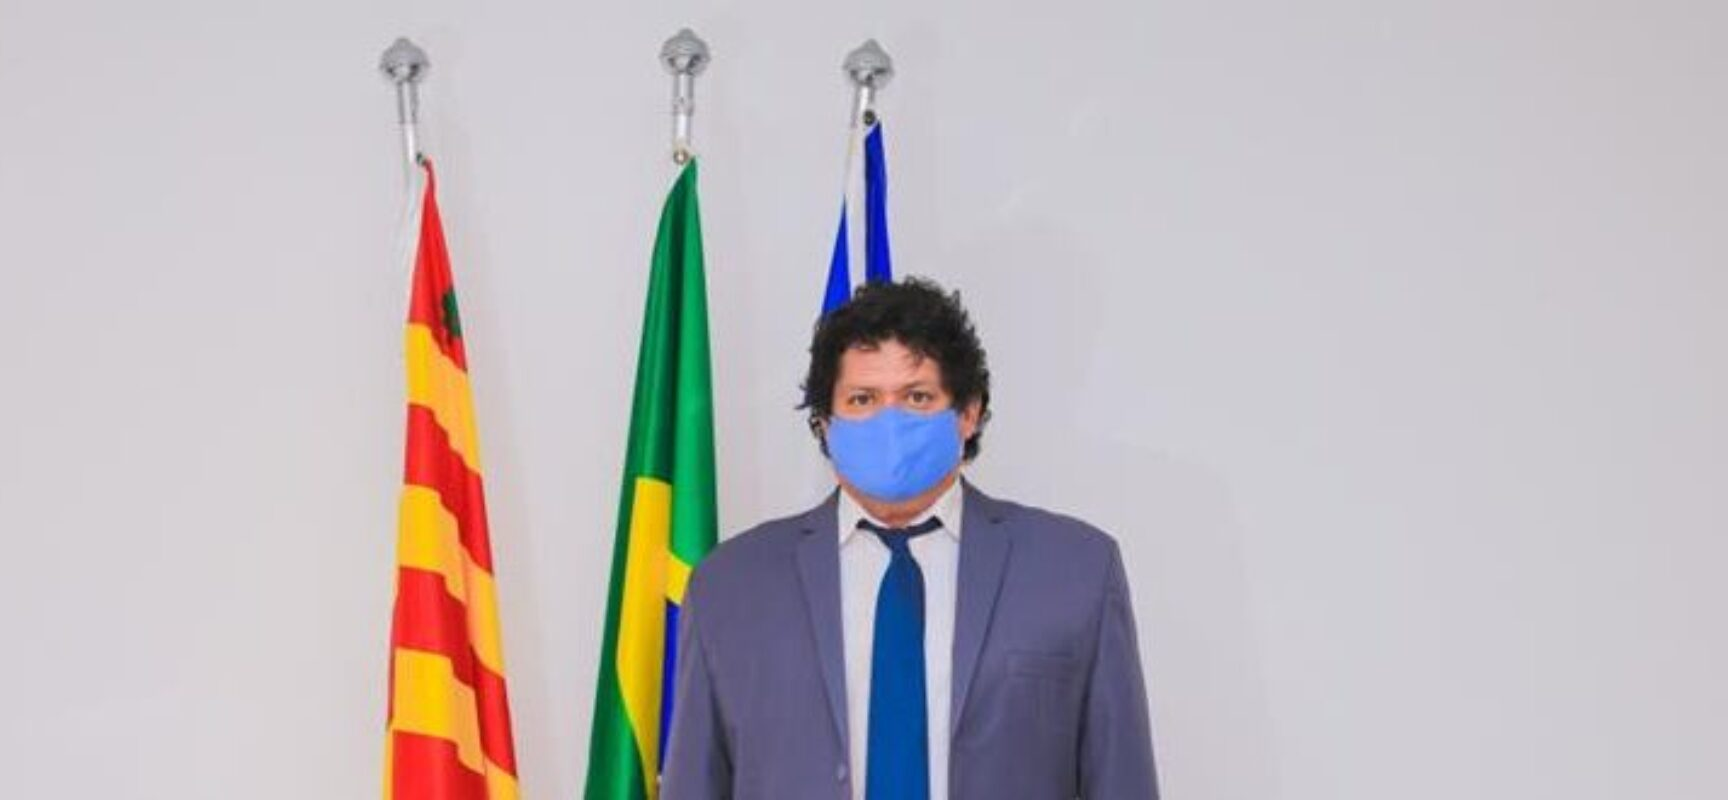 Vereador Edvaldo pede a reativação do Conselho Municipal de Segurança Pública e ampliação do sistema de água de Maria Jape